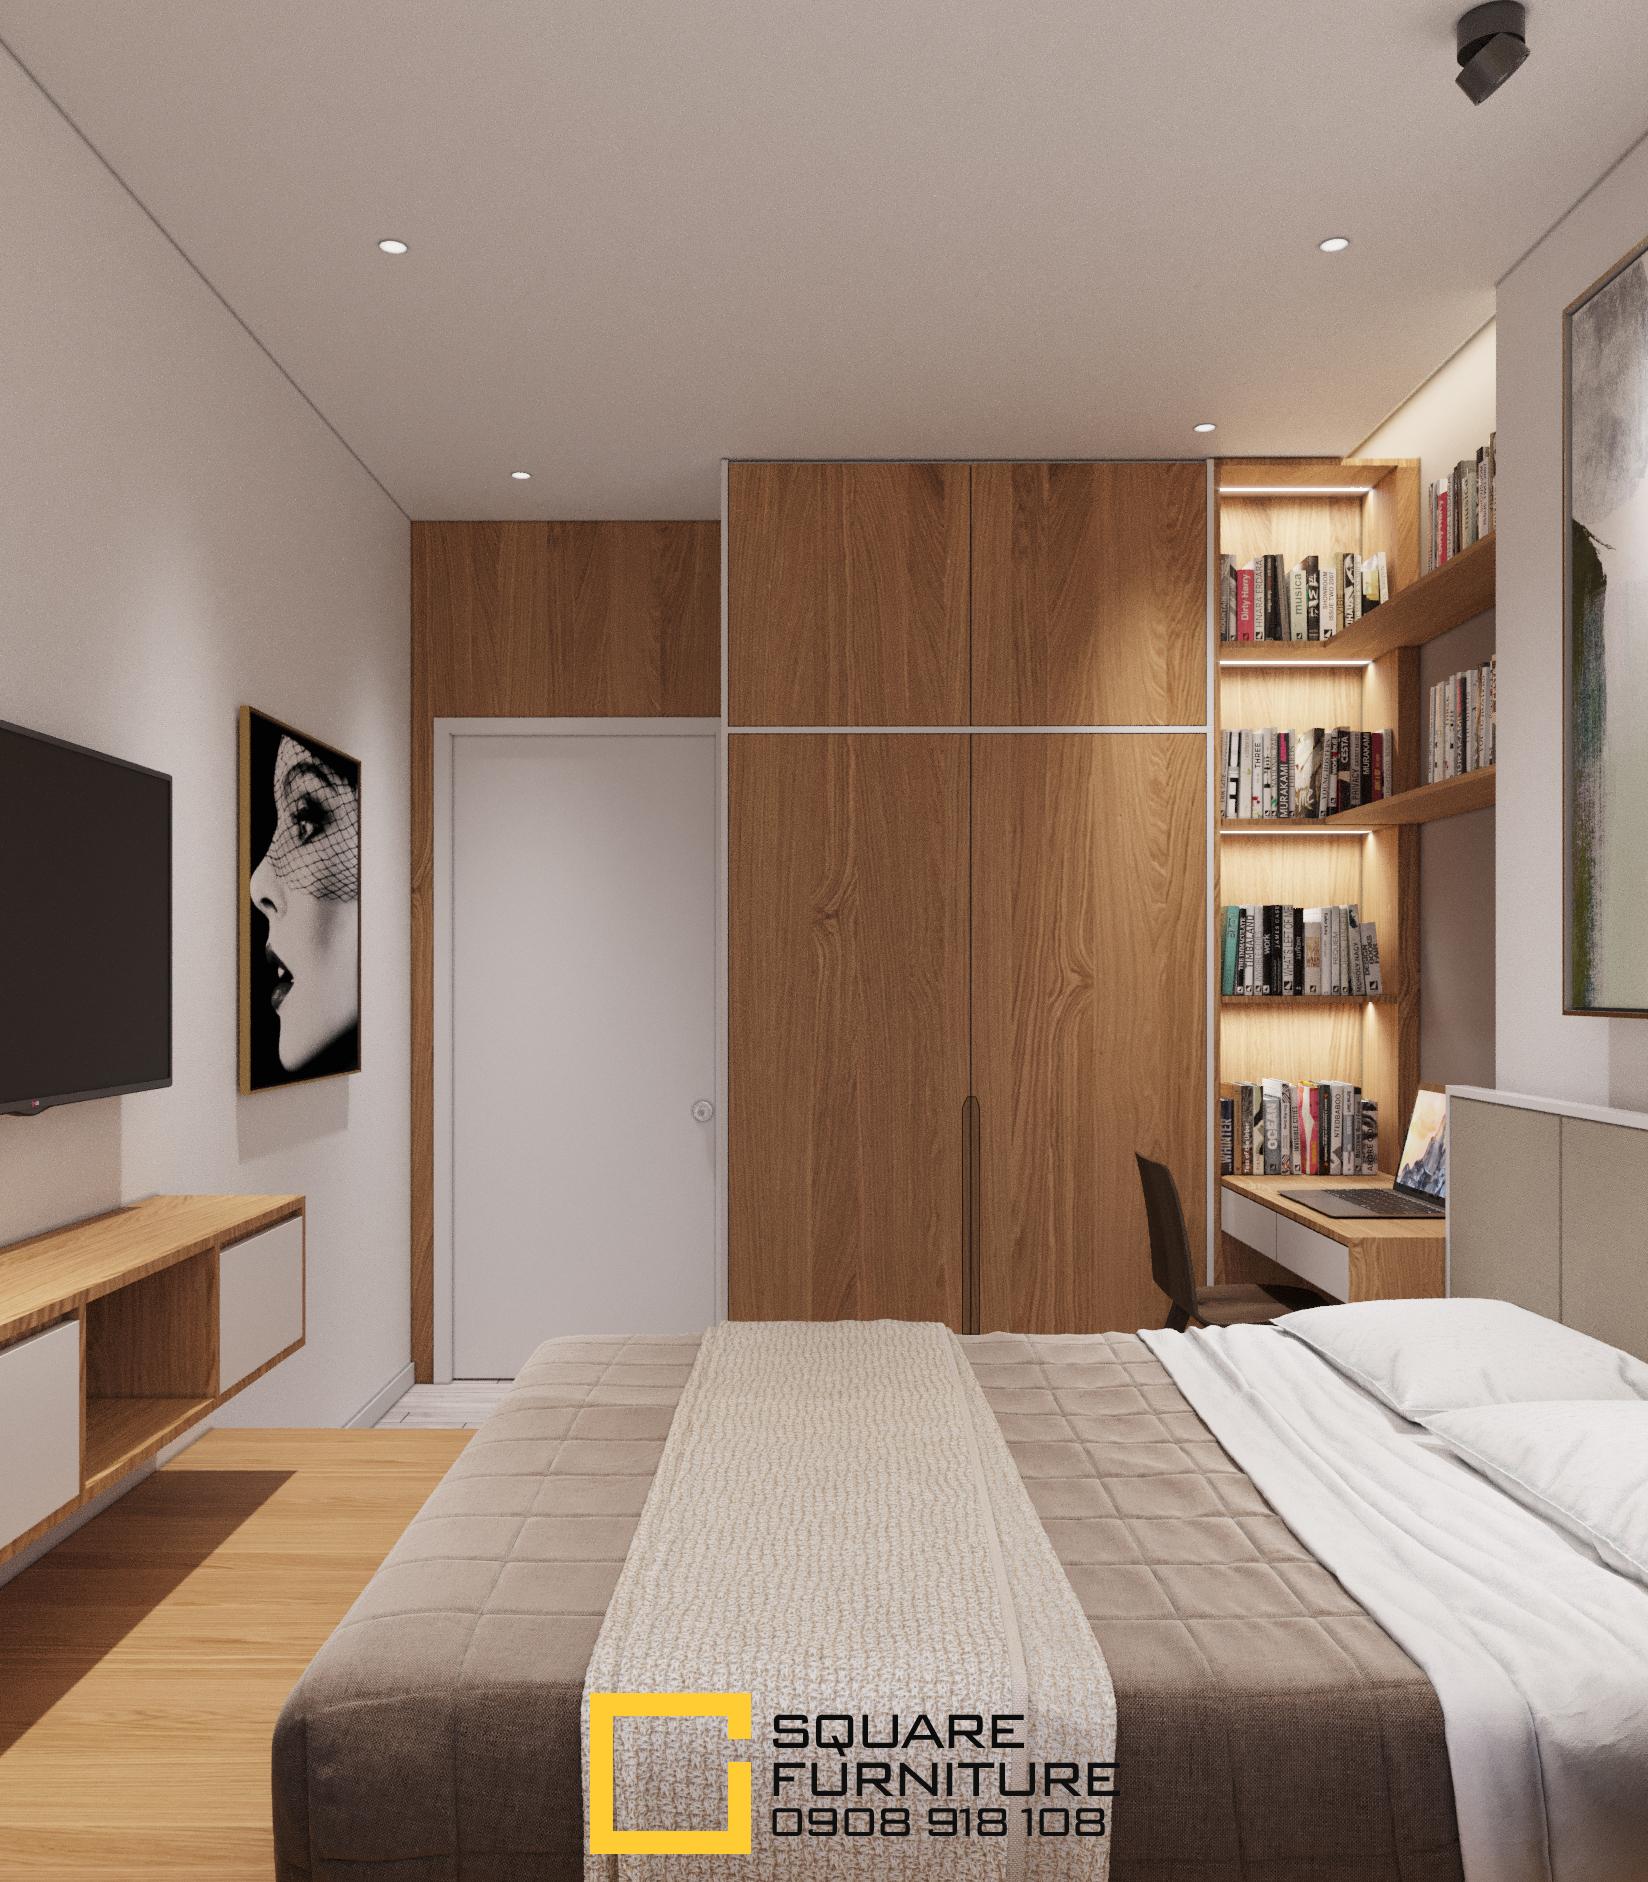 thiết kế nội thất chung cư tại Hồ Chí Minh Căn hộ Haiwaii Đảo Kim Cương 11 1559032083